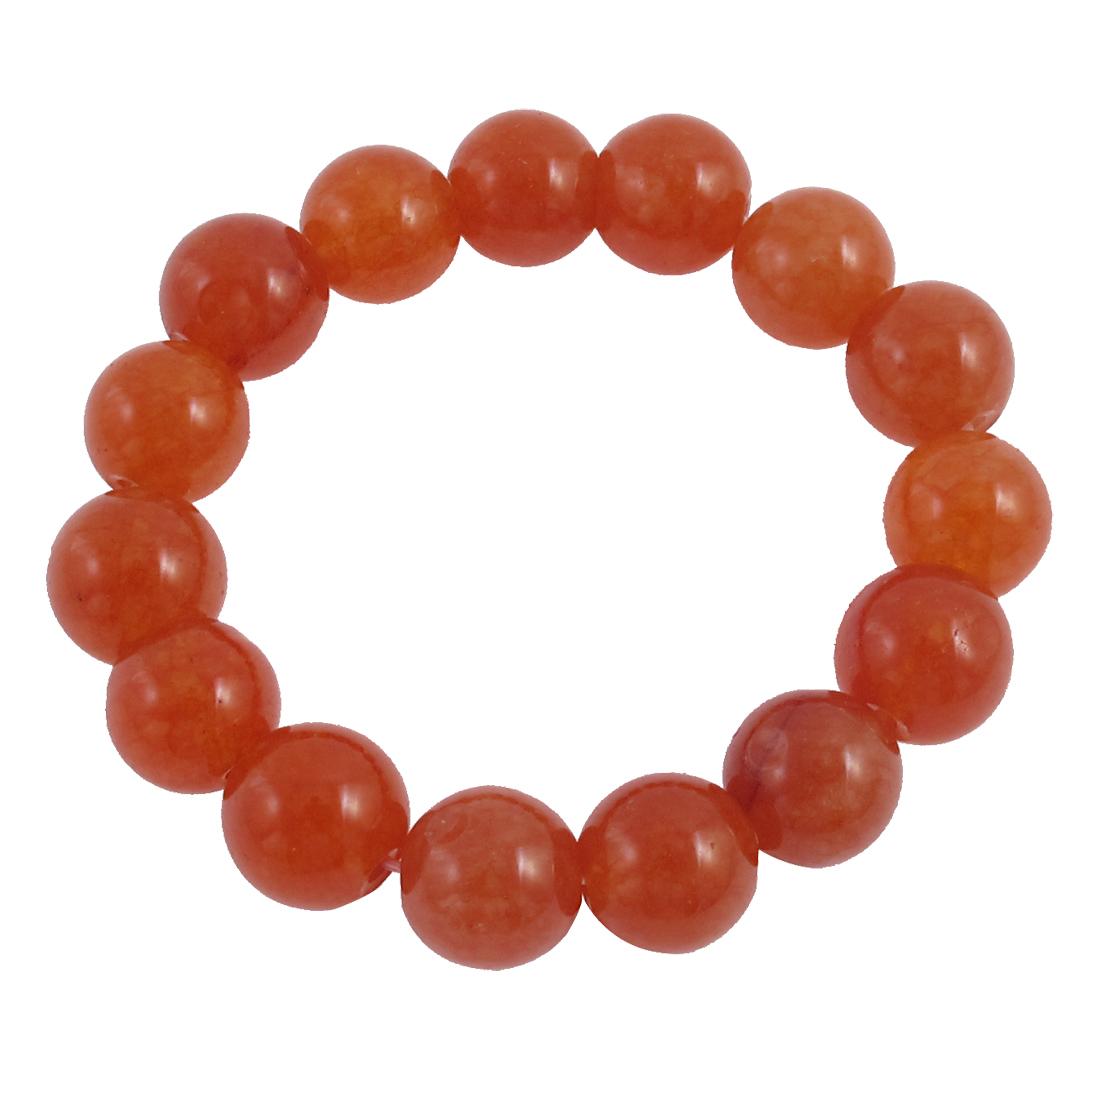 Lady Round Faux Jade Bead Linked Elastic Wrist Bracelet Bangle Decor Orange